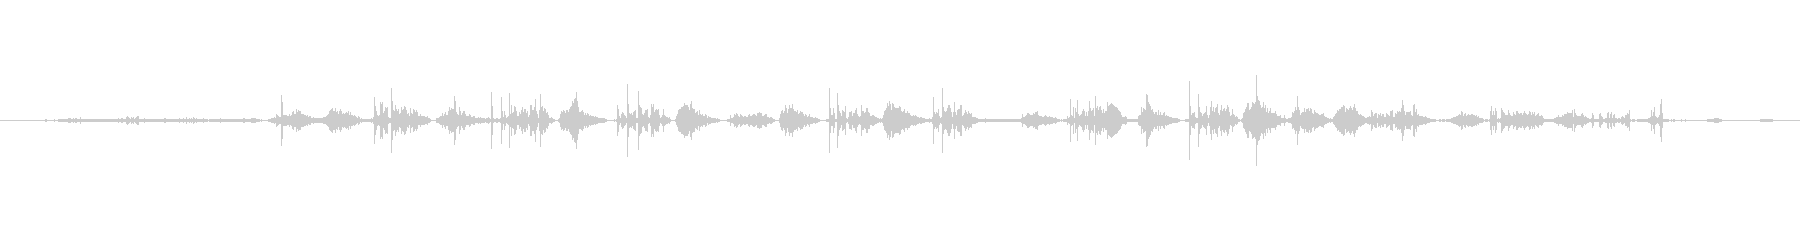 犬 パグパンツ01の未再生の波形